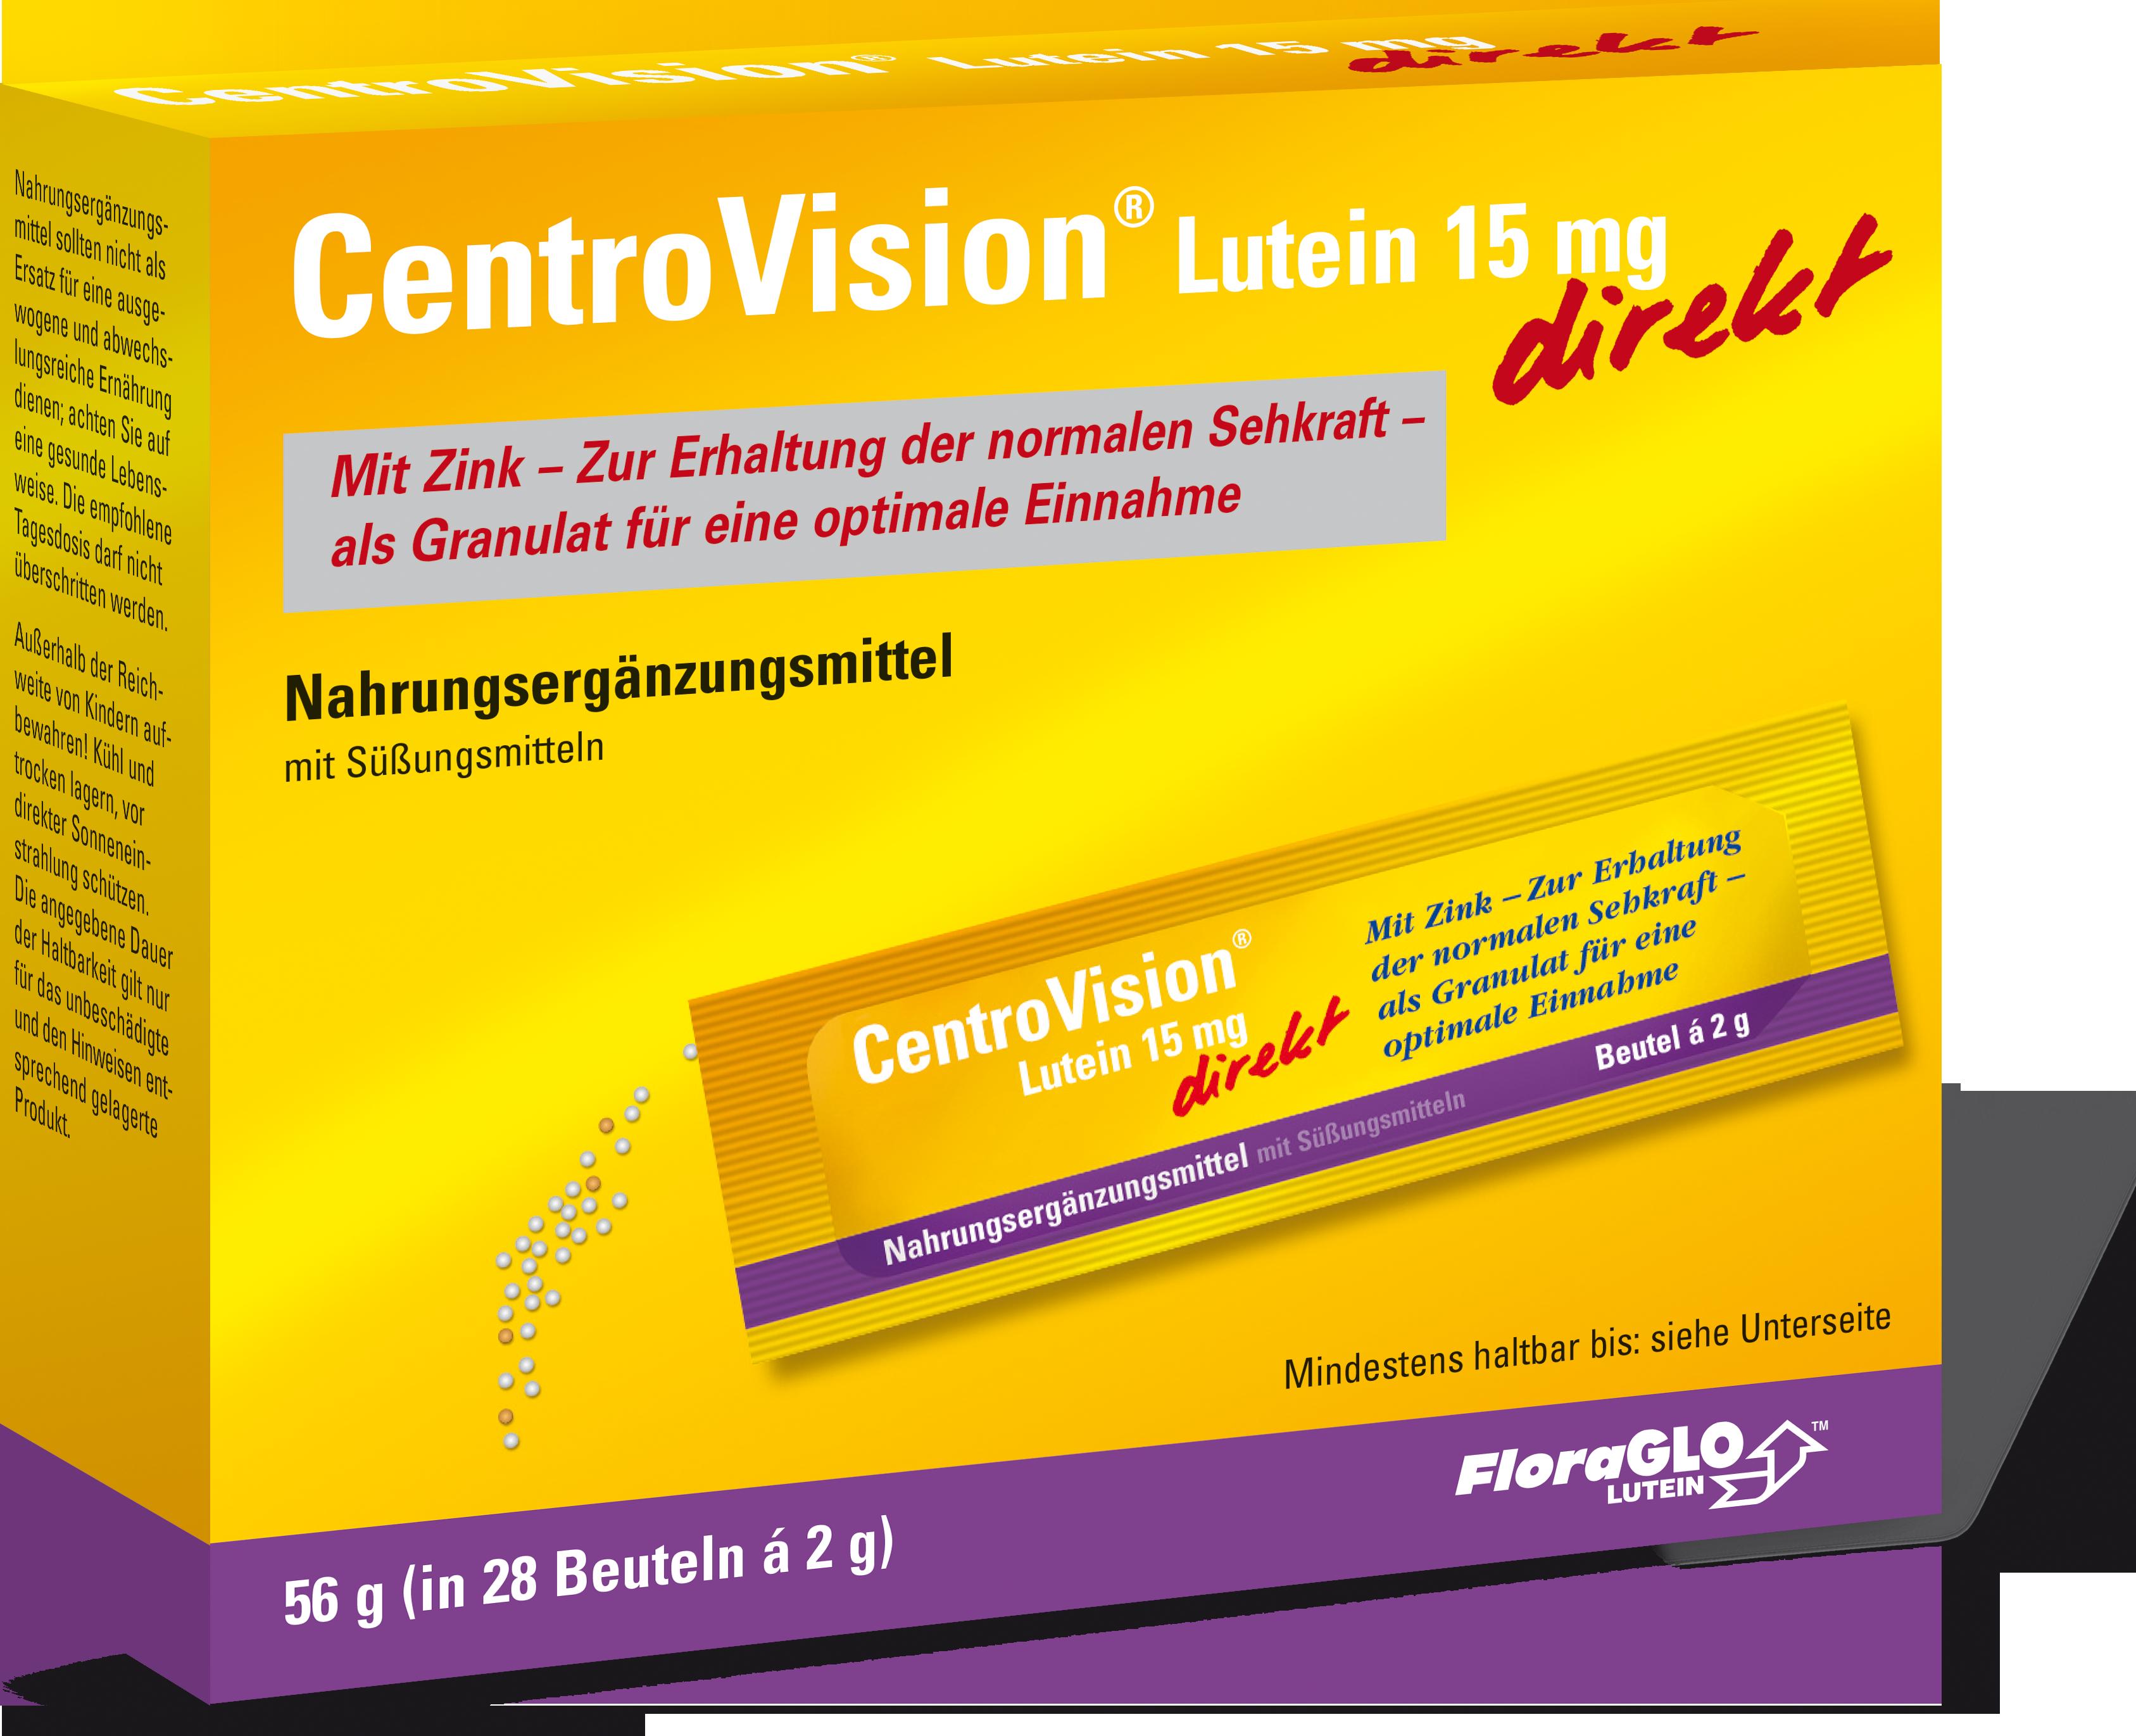 CentroVisionu00ae Lutein 15 mg direkt - 28 Stu00fcck